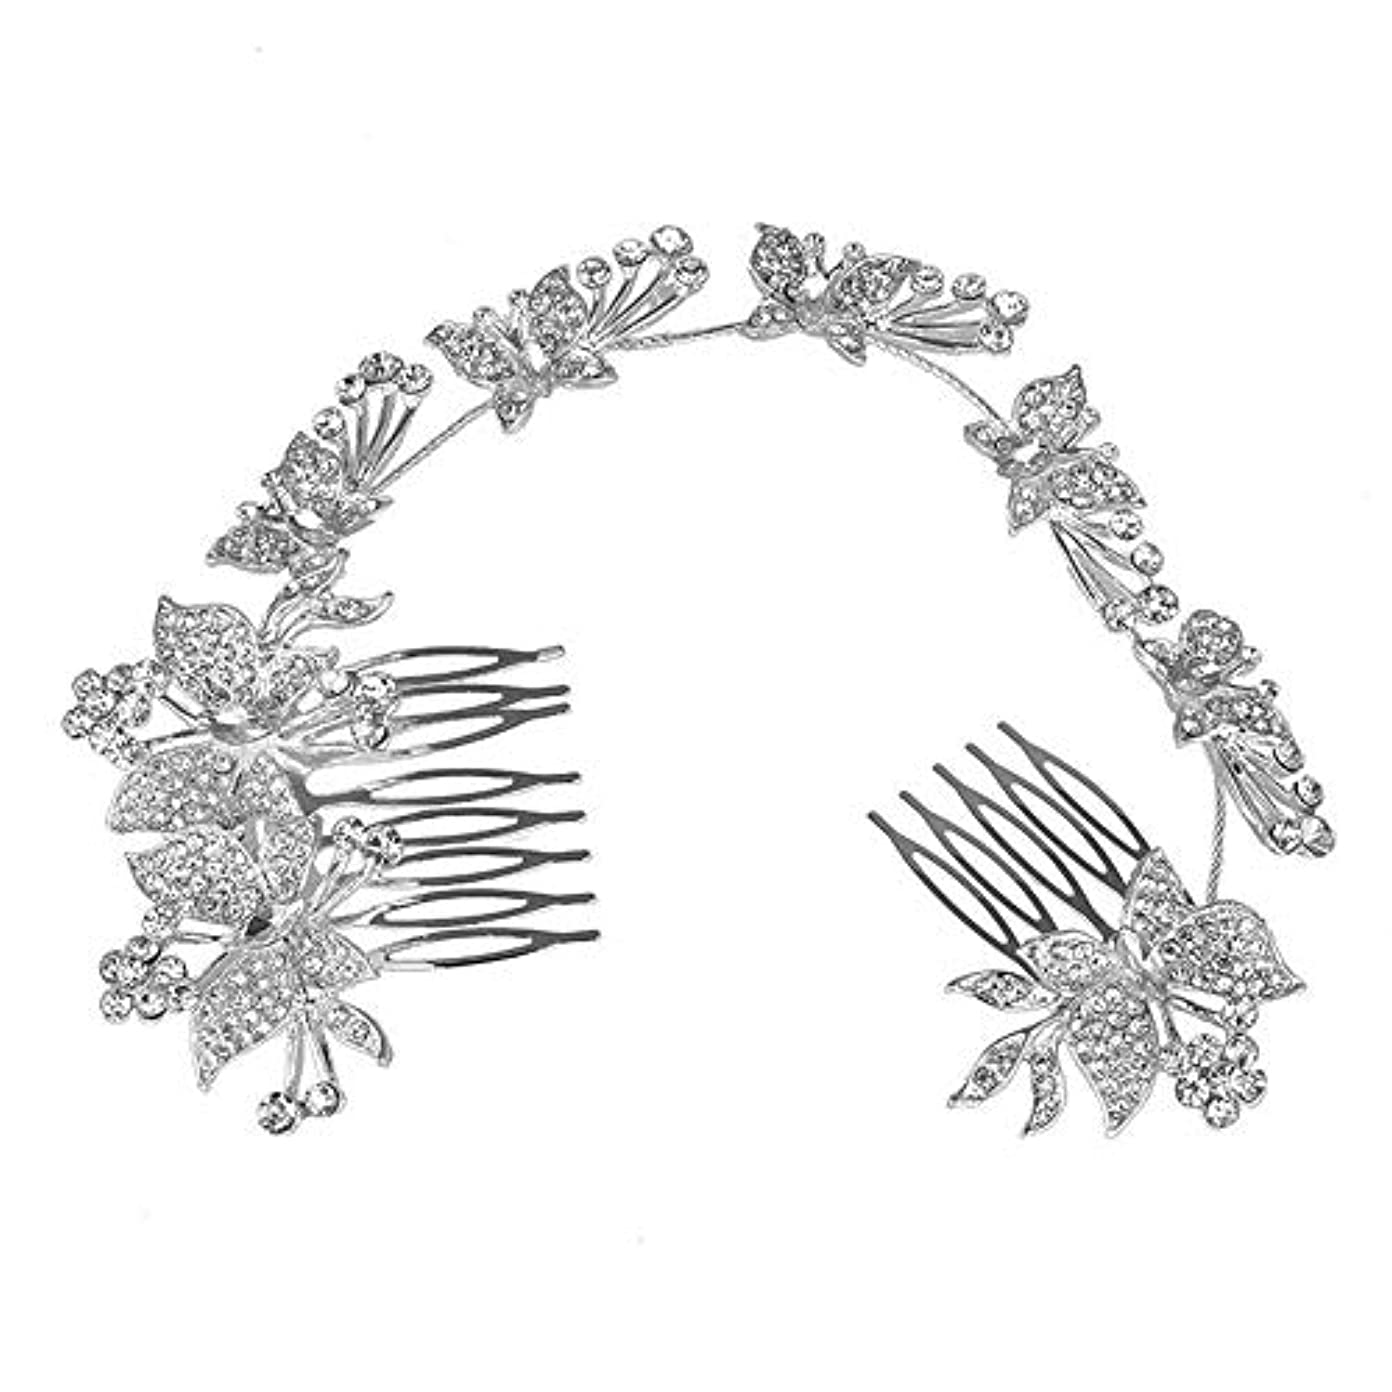 ランク細胞束ねる髪の櫛、櫛、蝶、髪の櫛、ブライダル髪の櫛、結婚式の髪の櫛、ラインストーンの櫛、ヘッドギア